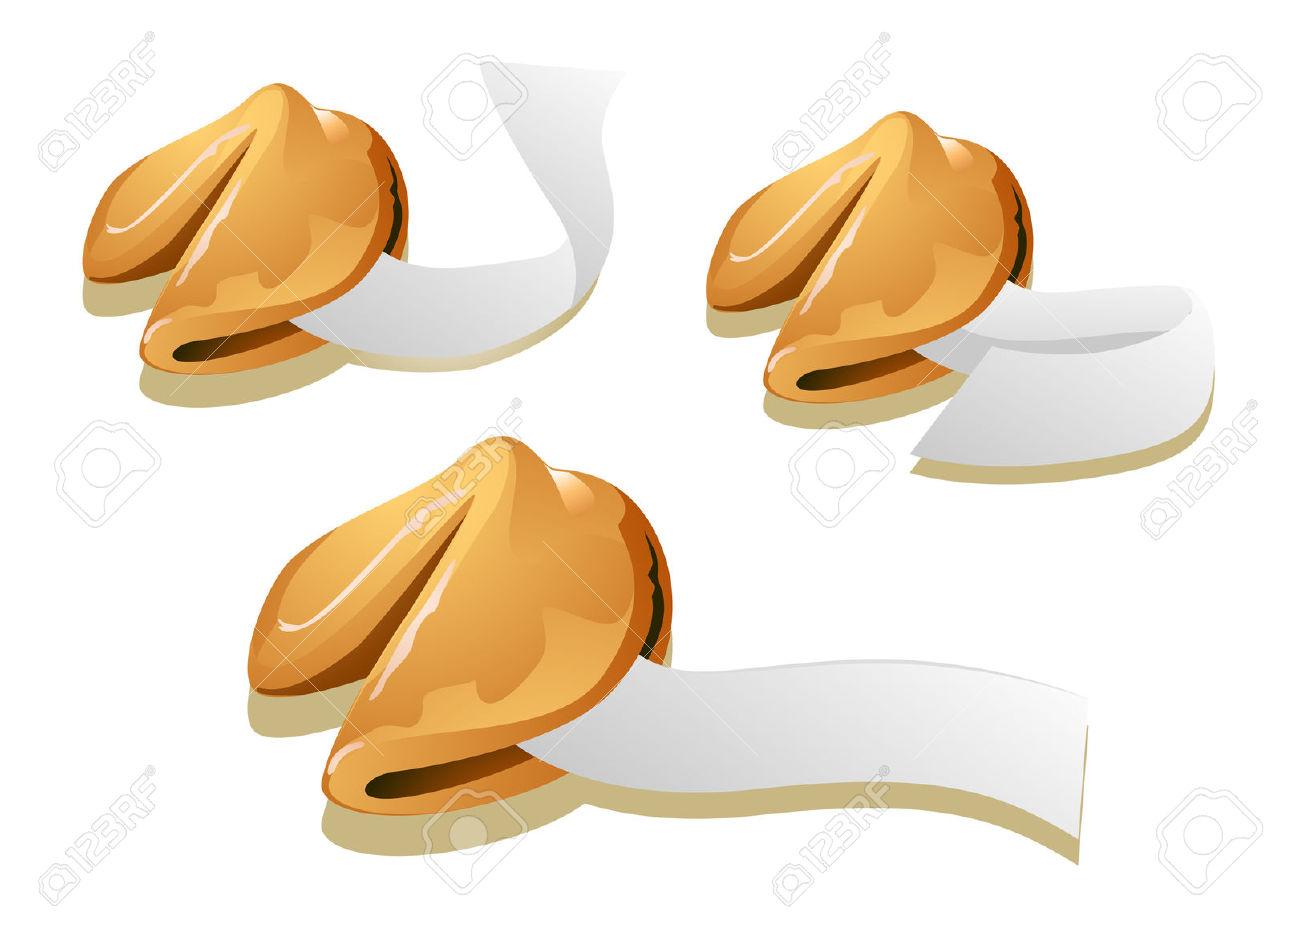 Fortune Cookies Stock Vector - 4615098-Fortune Cookies Stock Vector - 4615098-17